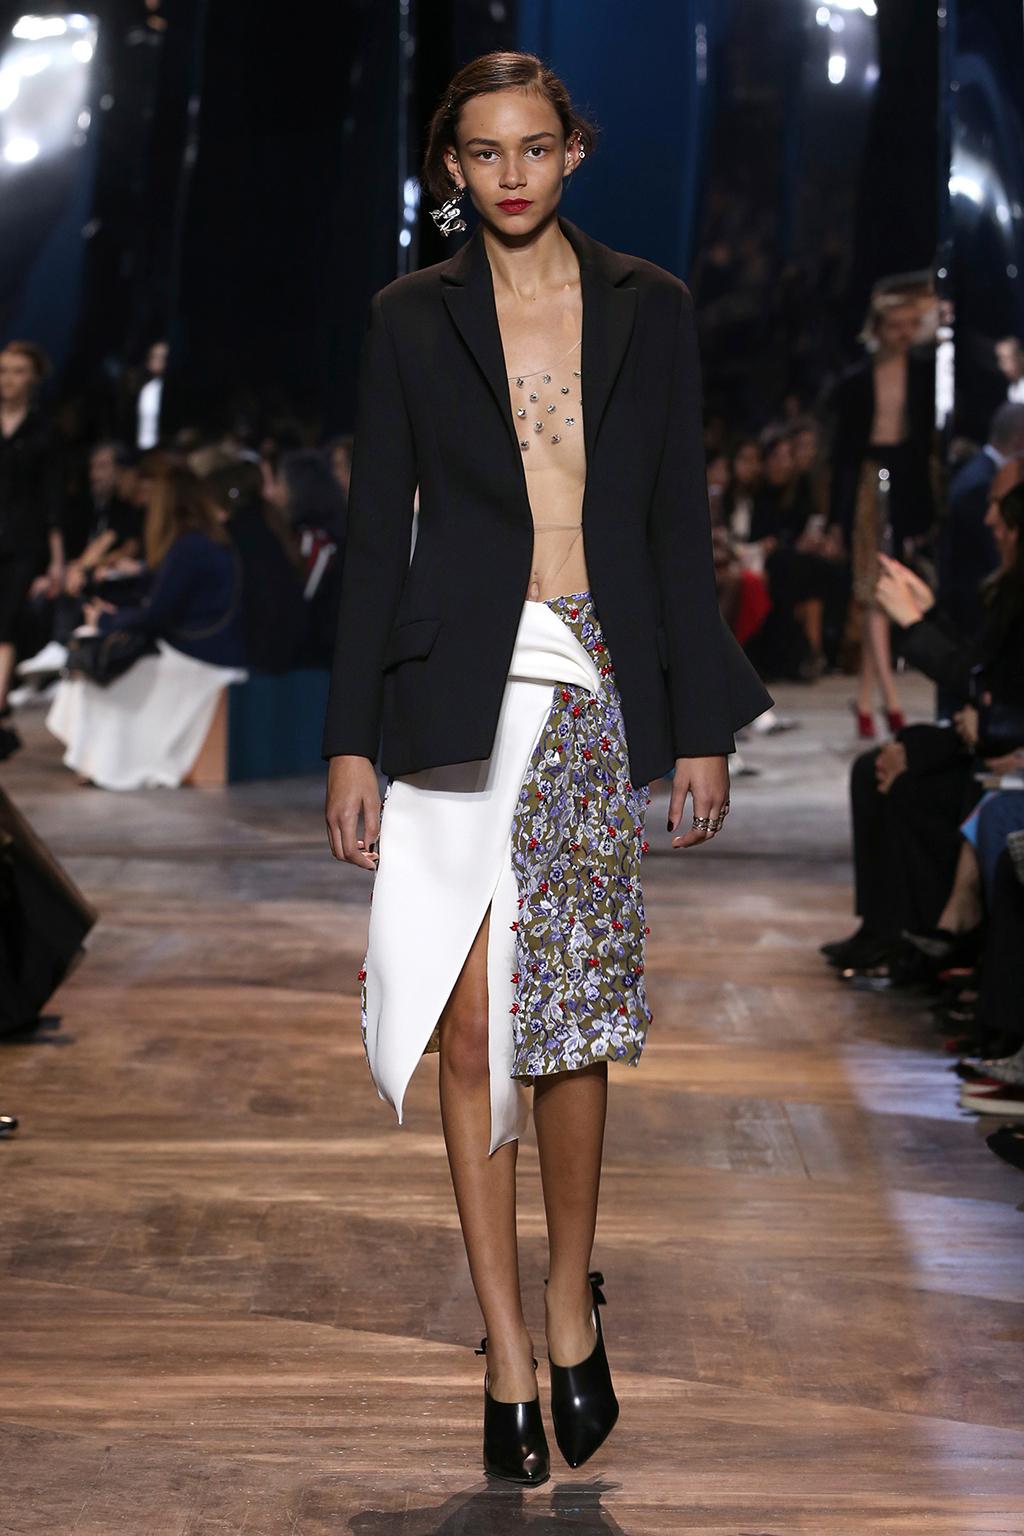 Dior-Couture-Silhouette-08